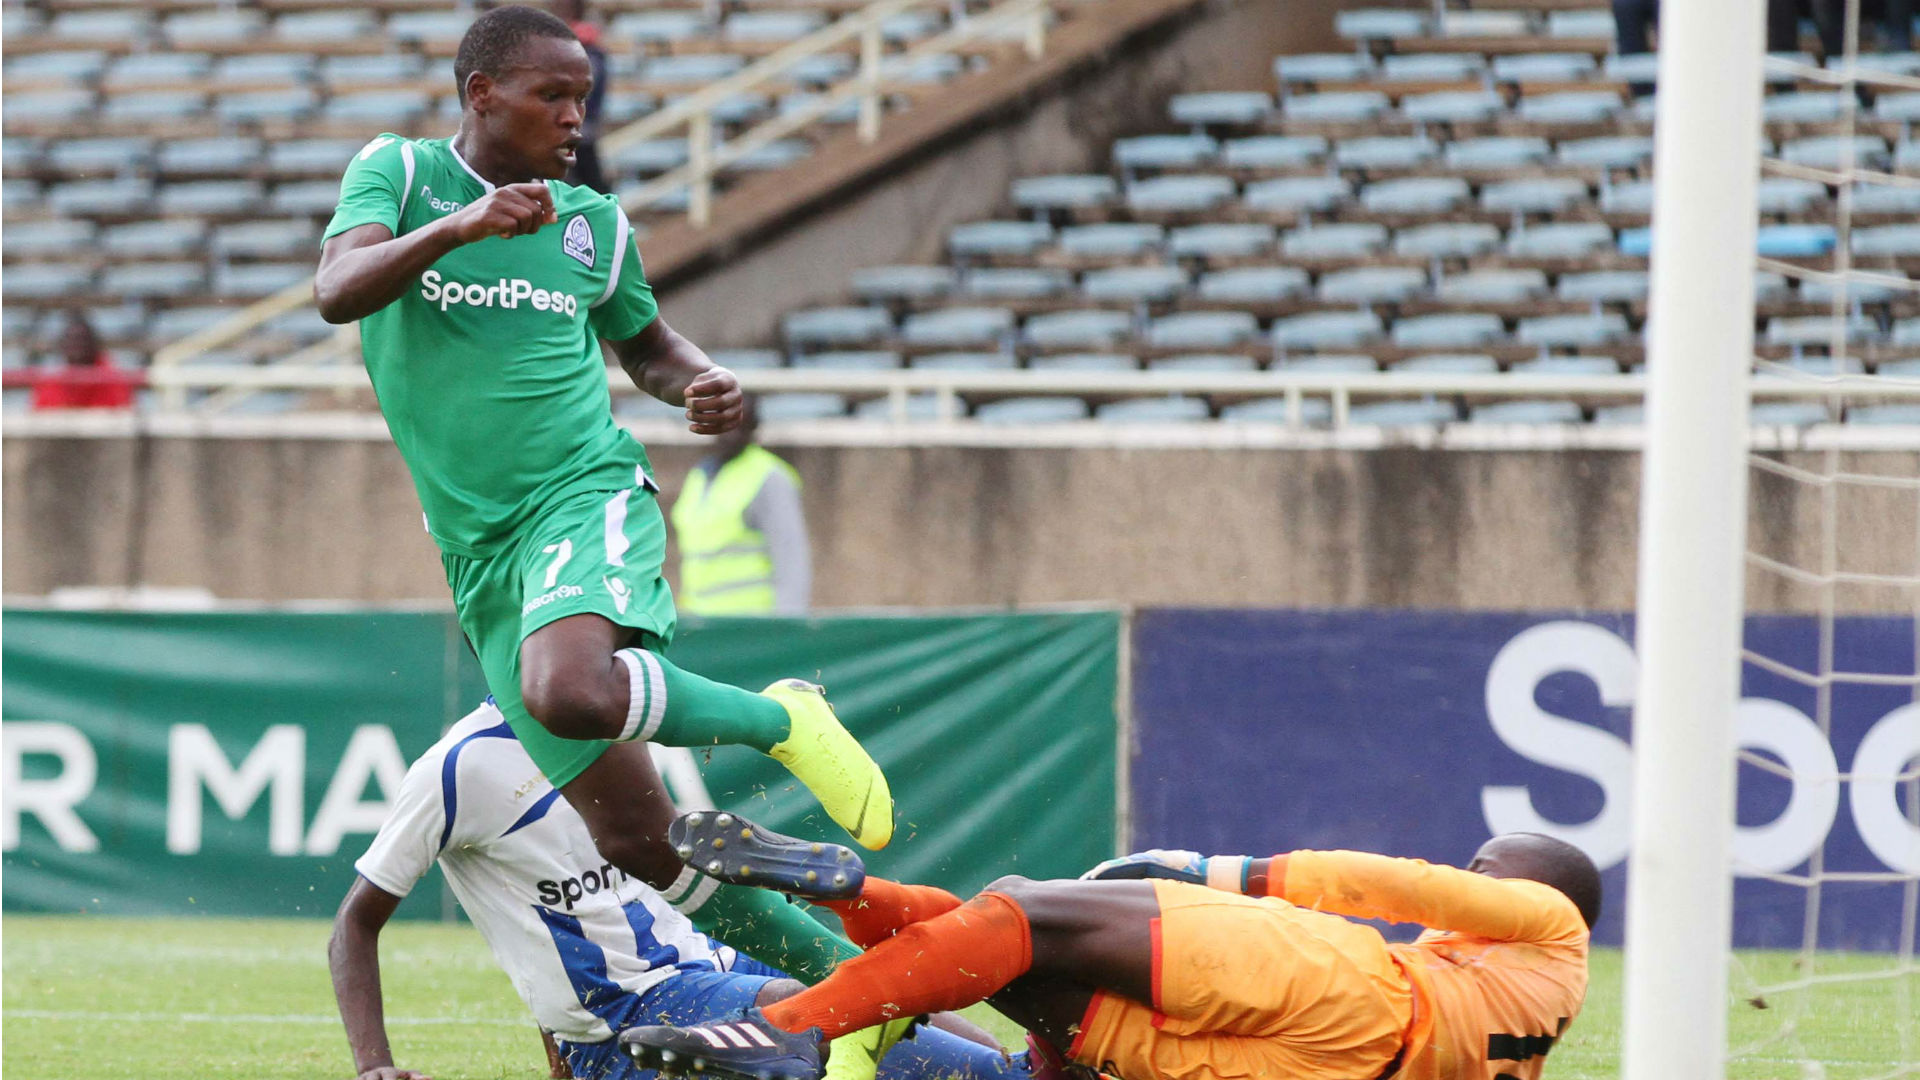 Caf Champions League: Gor Mahia going for a win in Burundi – Patrick Odhiambo